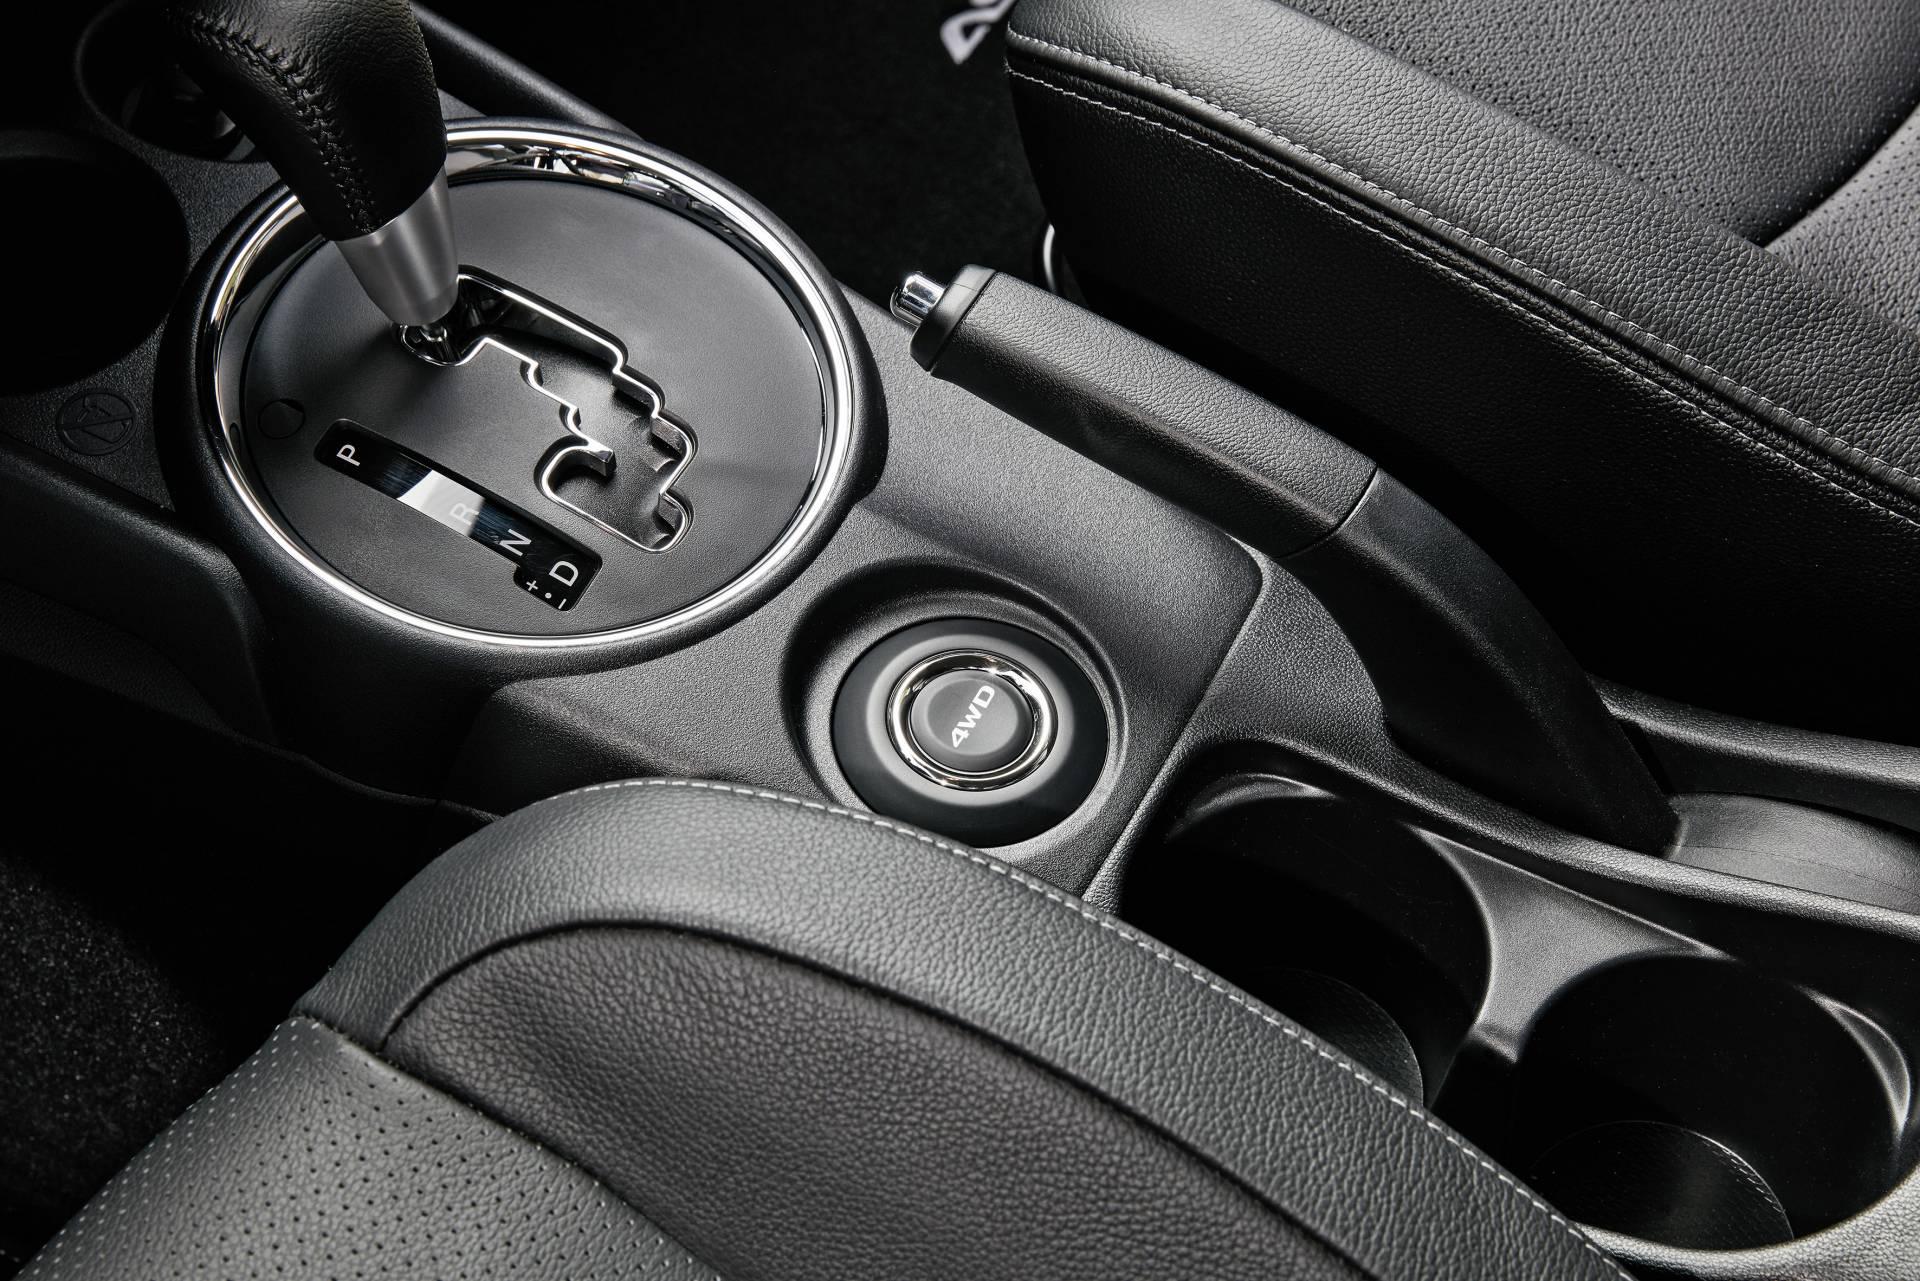 Mediante un botón (4WD), situado detrás de la palanca de cambio, se puede seleccionar cualquiera de los tres modos de funcionamiento del sistema de tracción integral All Wheel Control: 2WD, 4WD y 4WD Look.